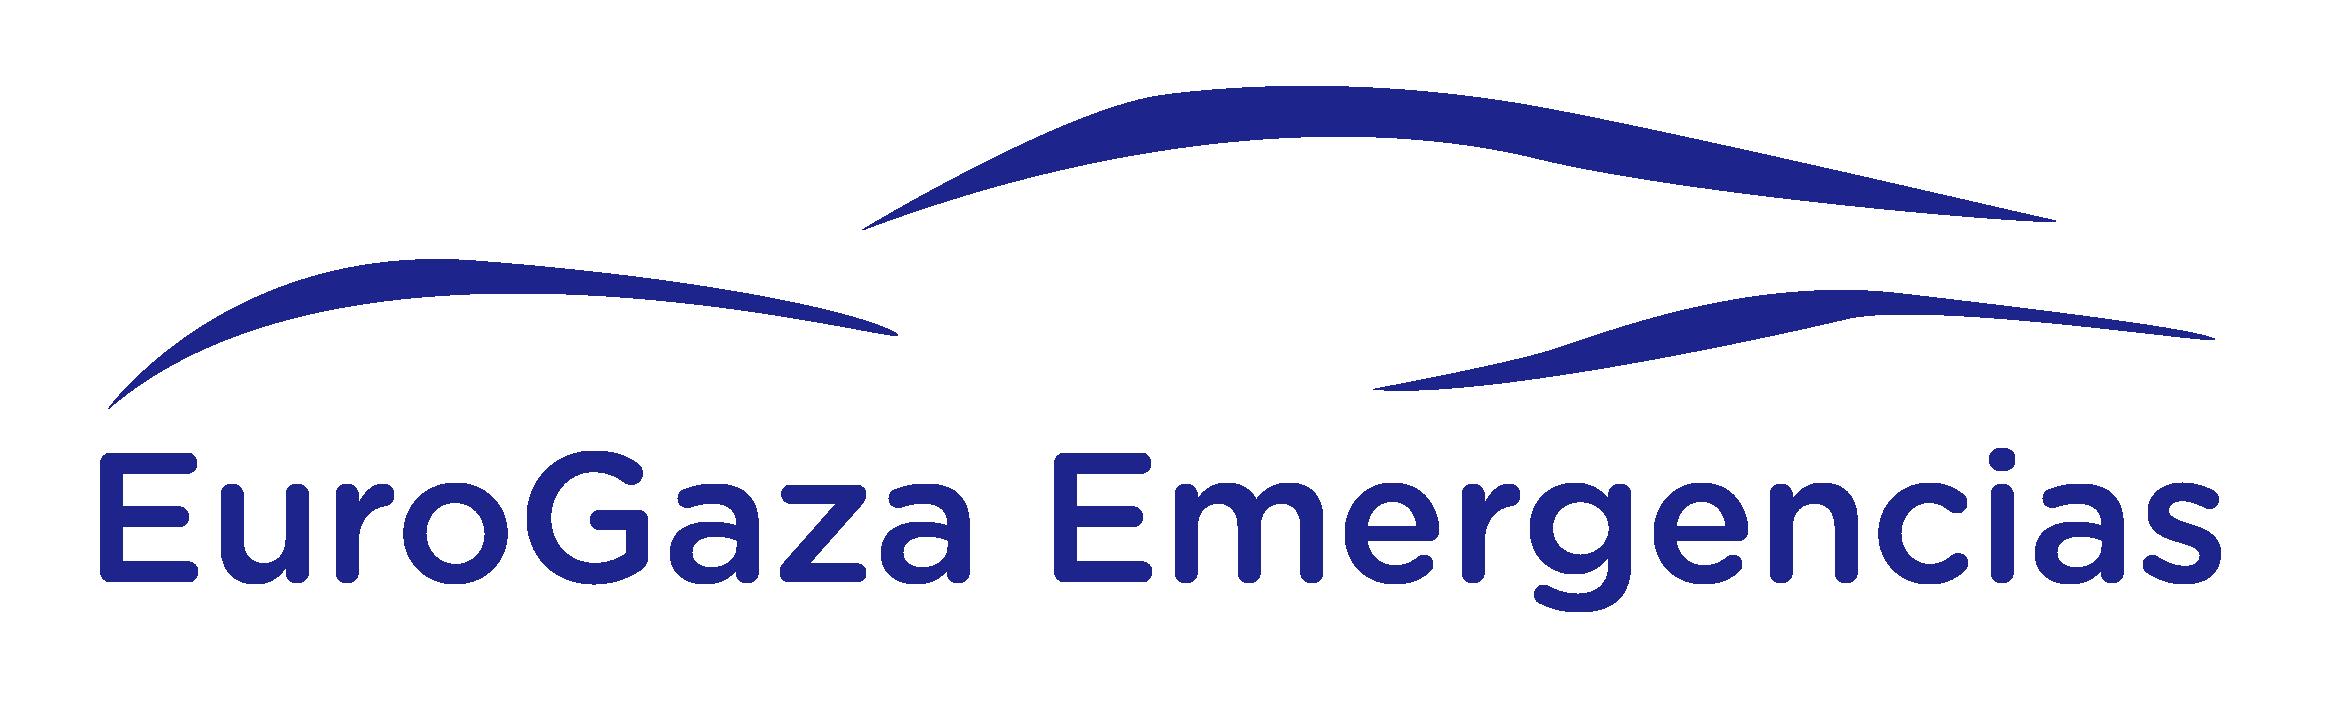 Euro Gaza Emergencias